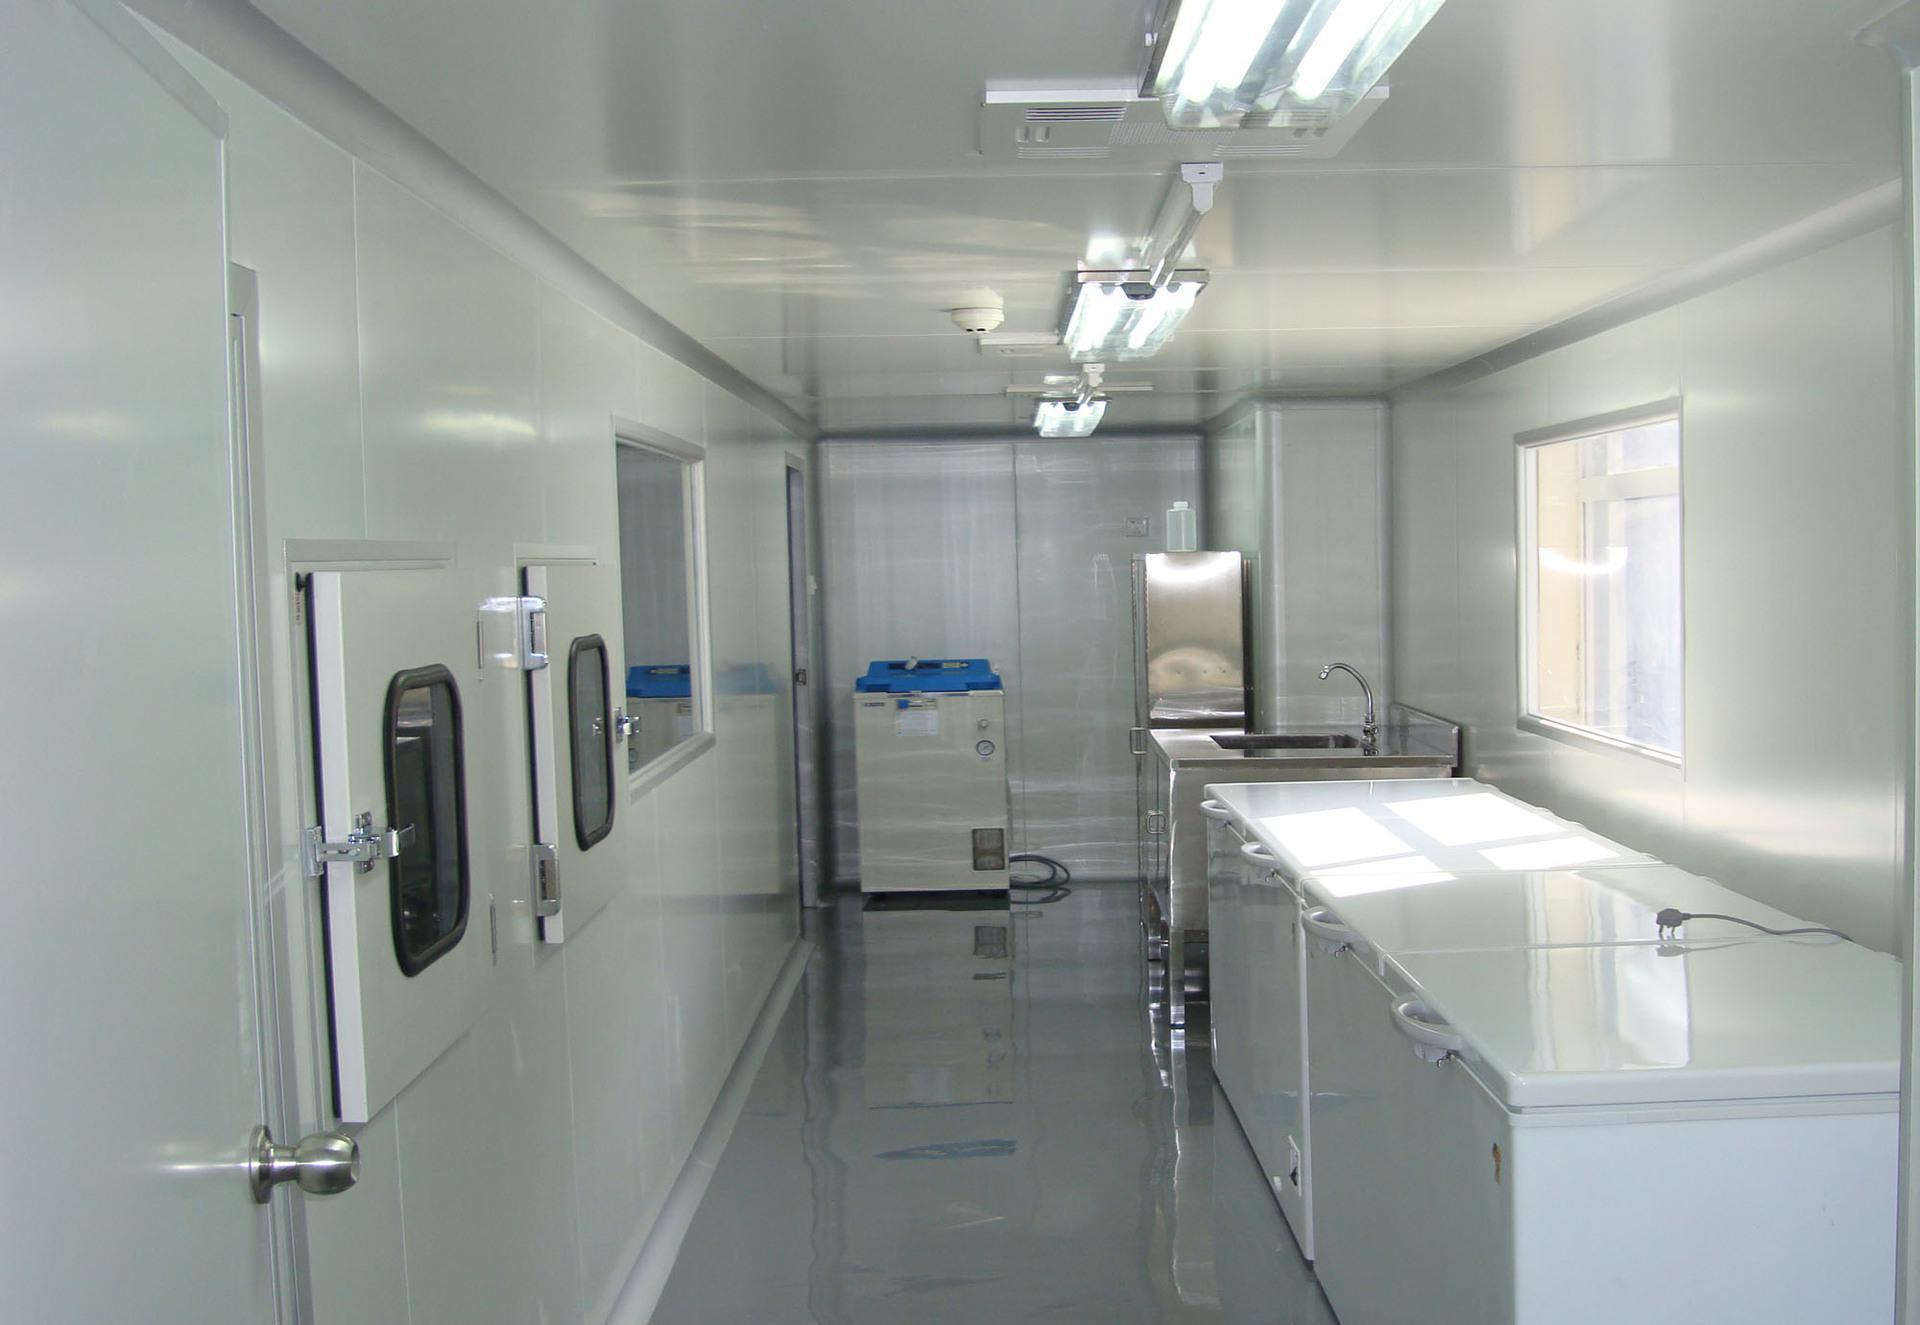 小型食品冷库冷库工程冷藏库厨房冷藏库厨房保鲜冷库食品速冻冷库安装